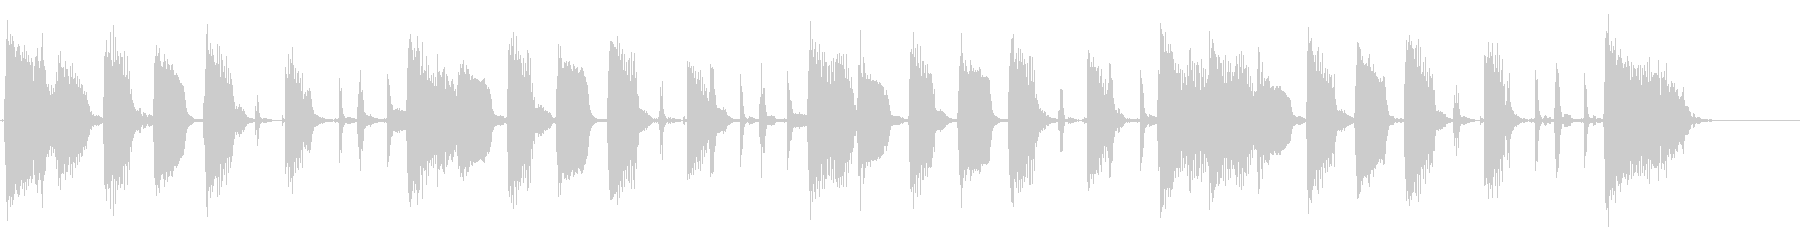 エレキギターでシンプルなリズムの未再生の波形